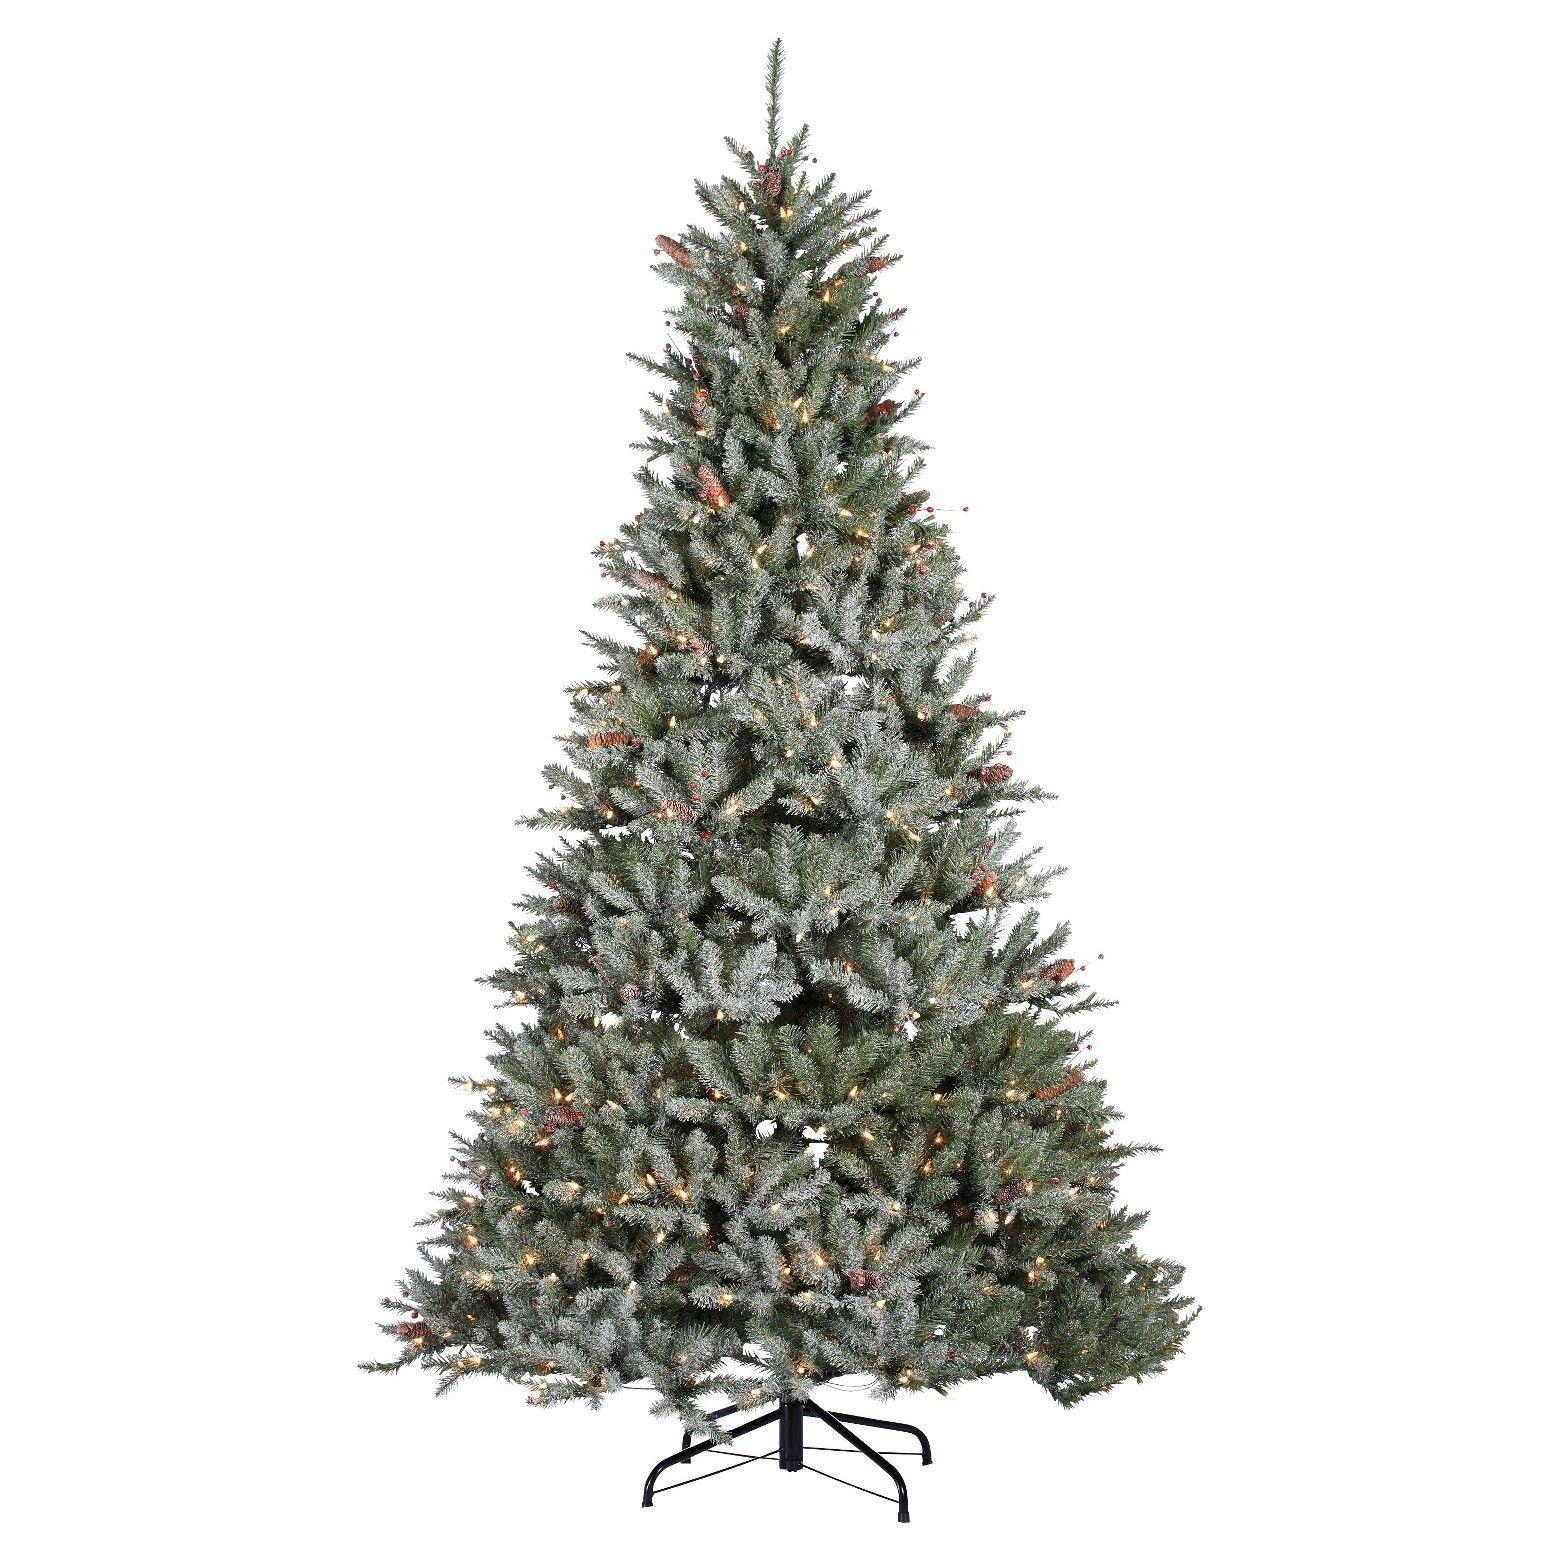 7.5' PreLit White Flocked Pine Artificial Christmas Tree